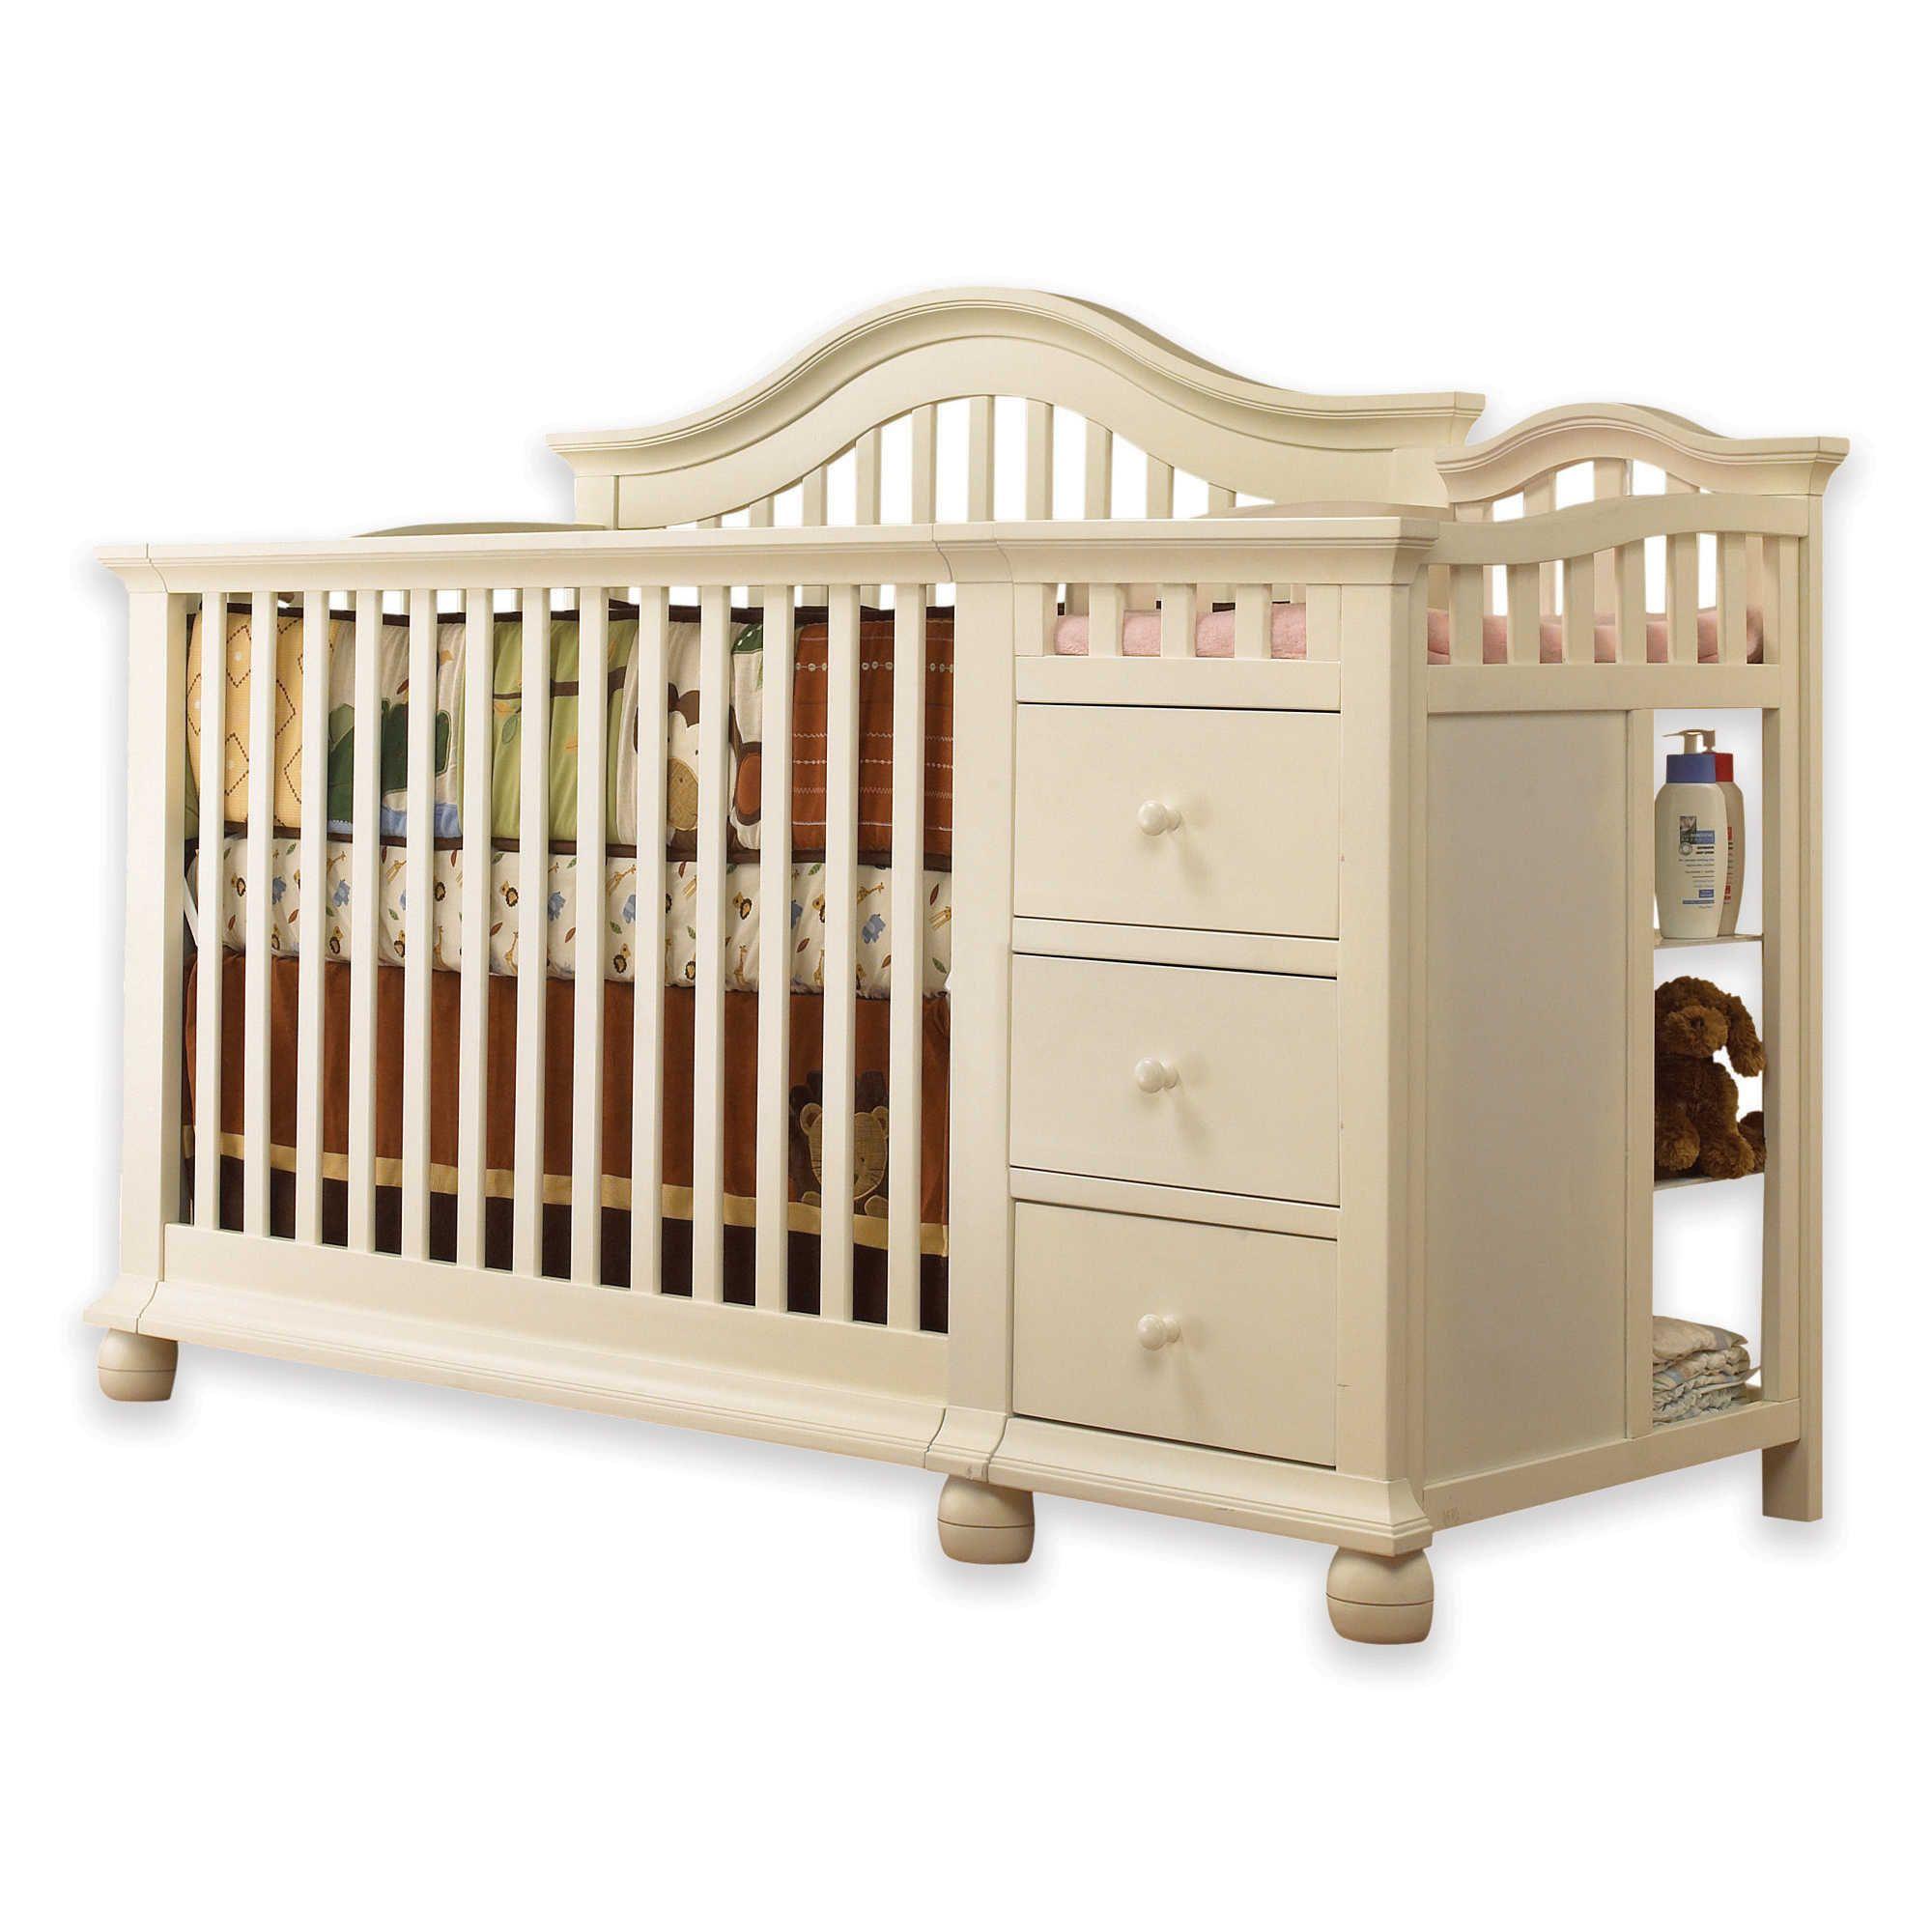 crib jpma delta children white safety zone cribs baby by in gateway manufacturer powered